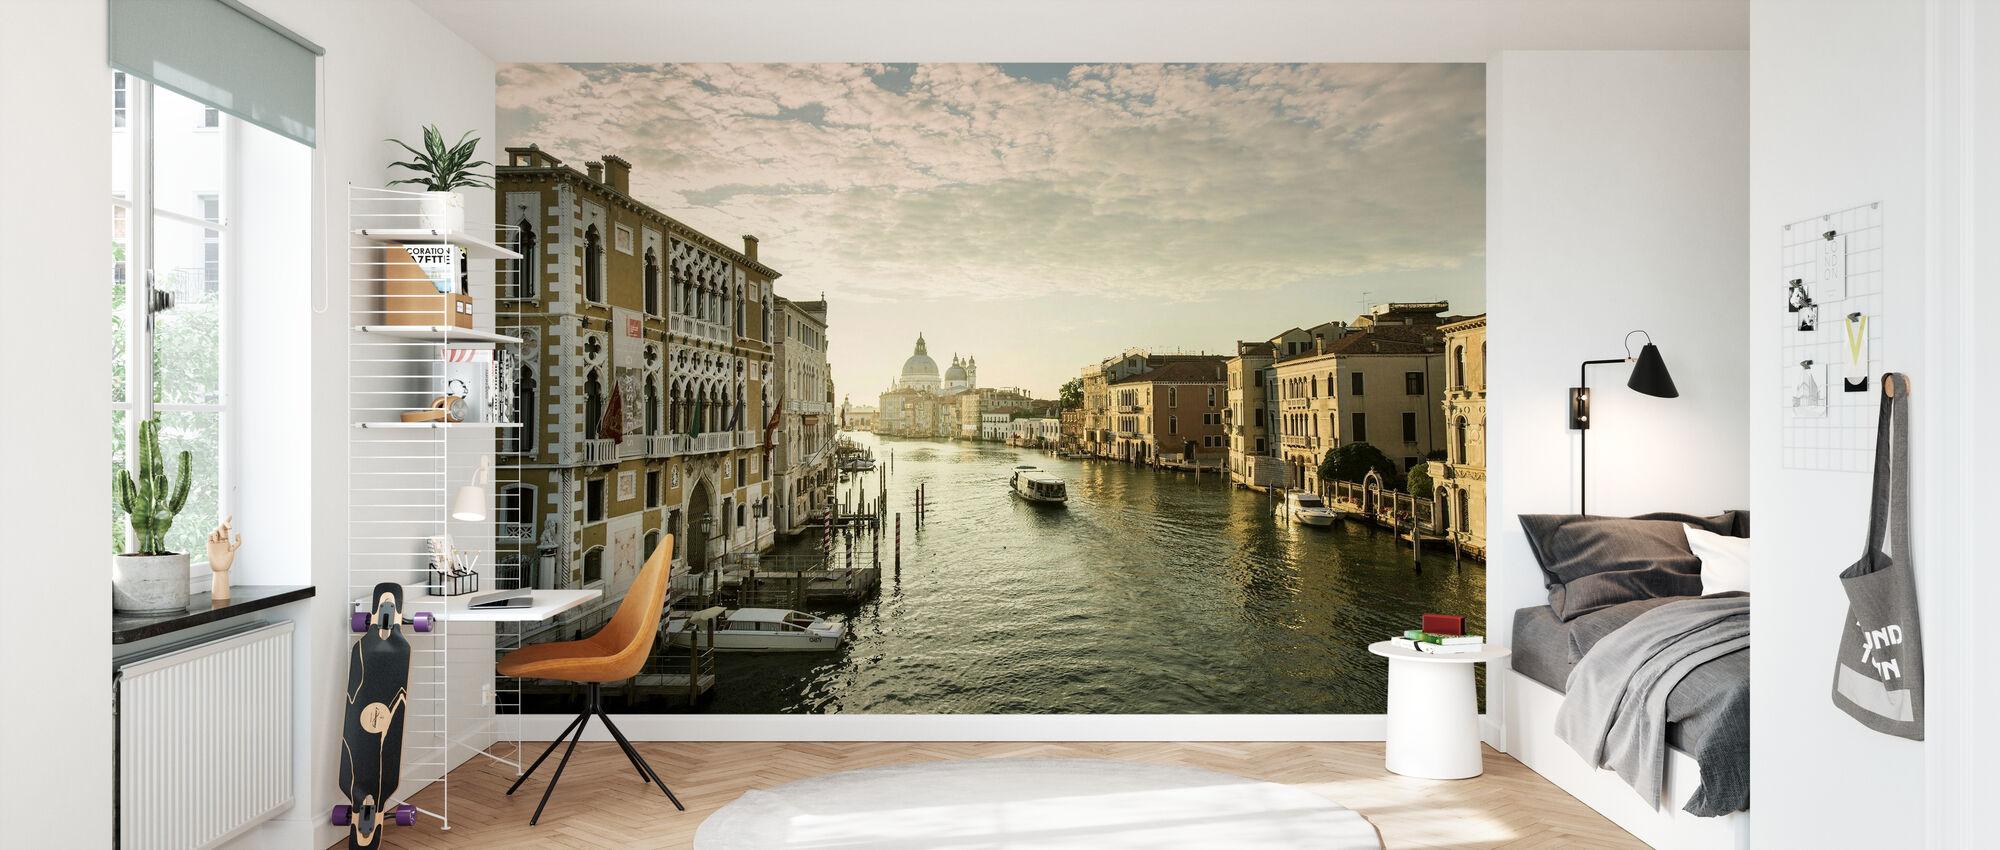 Sunny Venice - Wallpaper - Kids Room